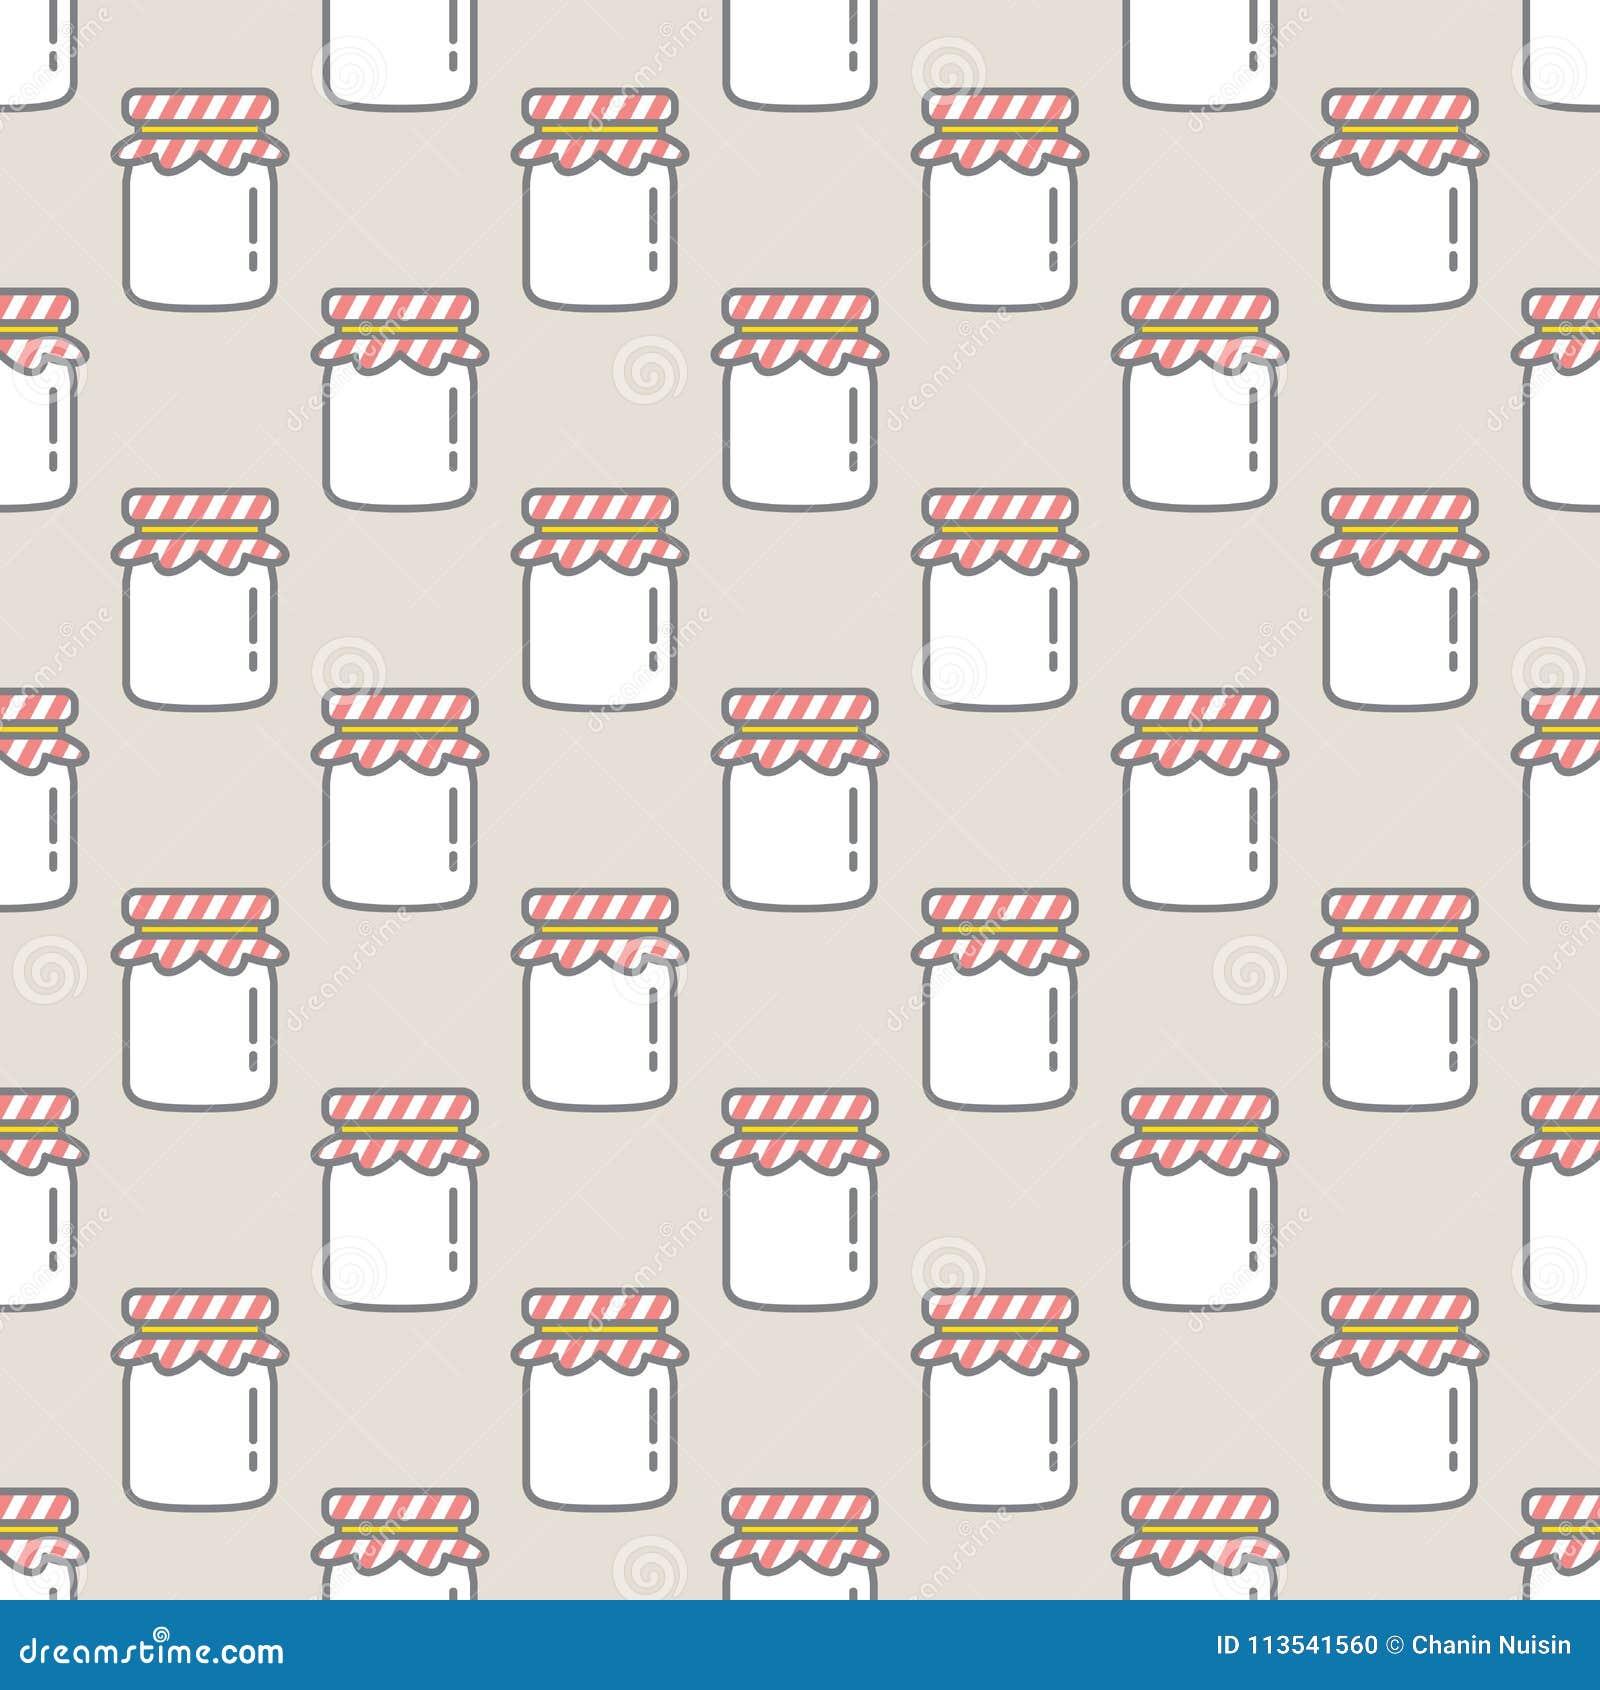 Download 9100 Koleksi Background Jam Pink HD Gratis